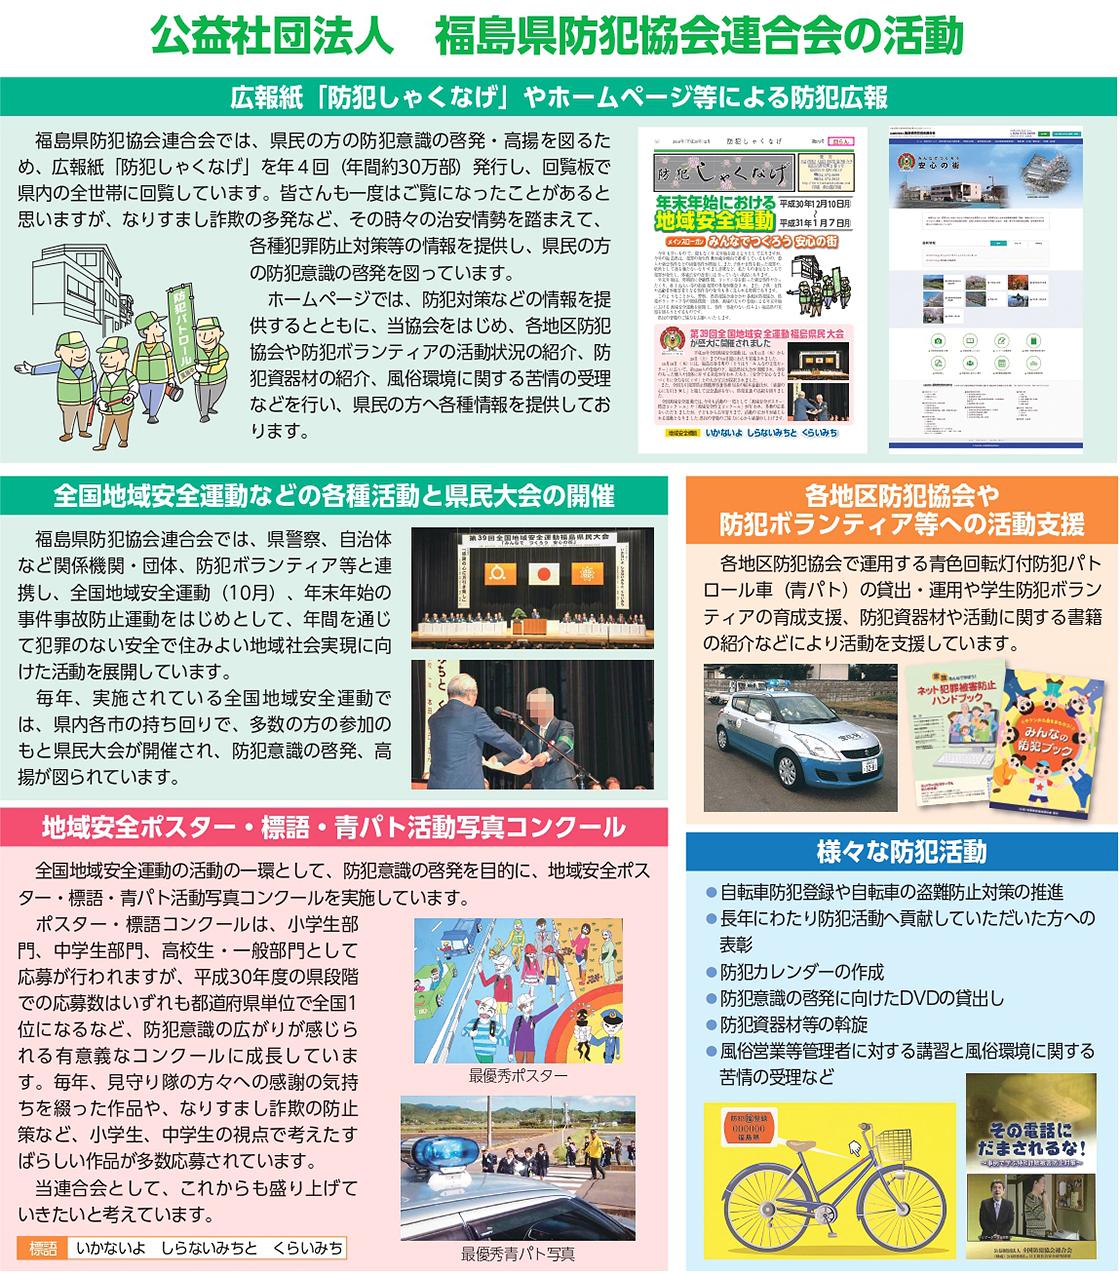 福島県防犯協会連合会の活動